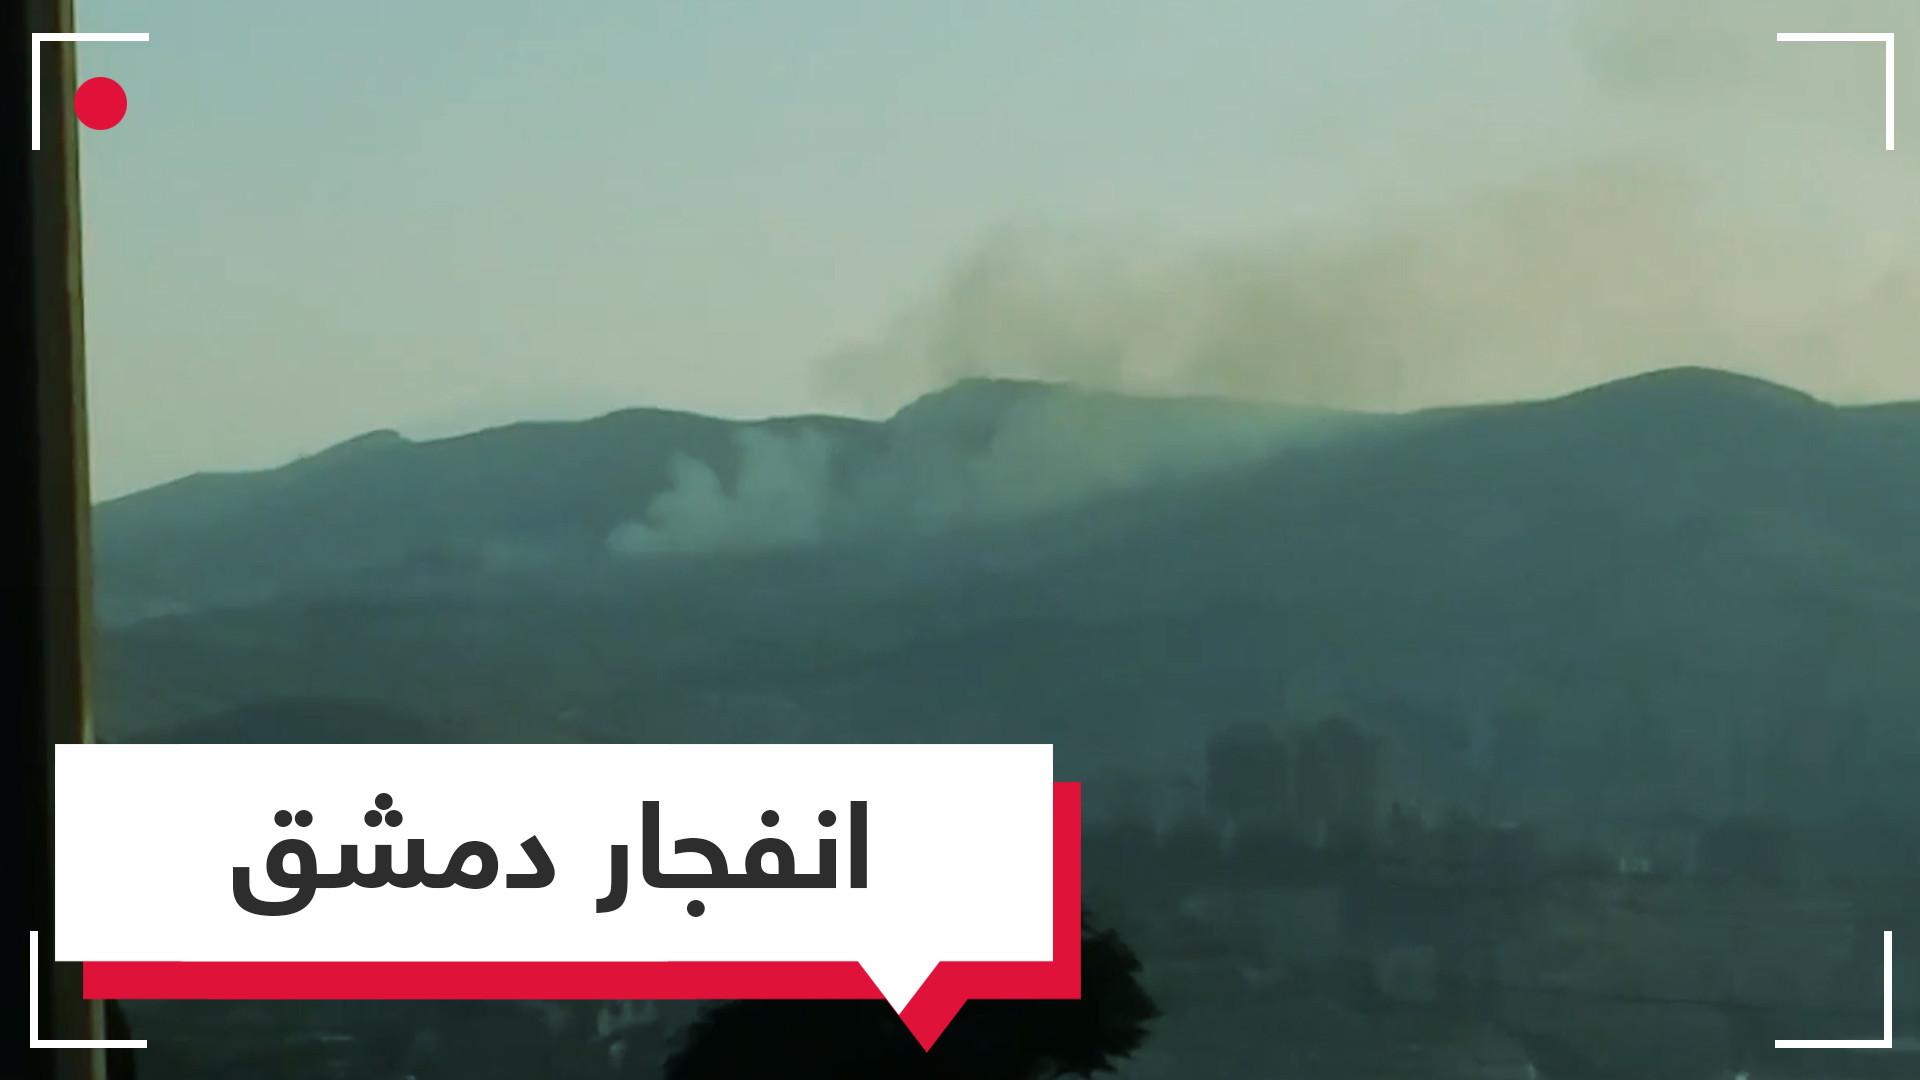 انفجار هائل غرب دمشق.. هل وقع بمستودع ذخيرة؟